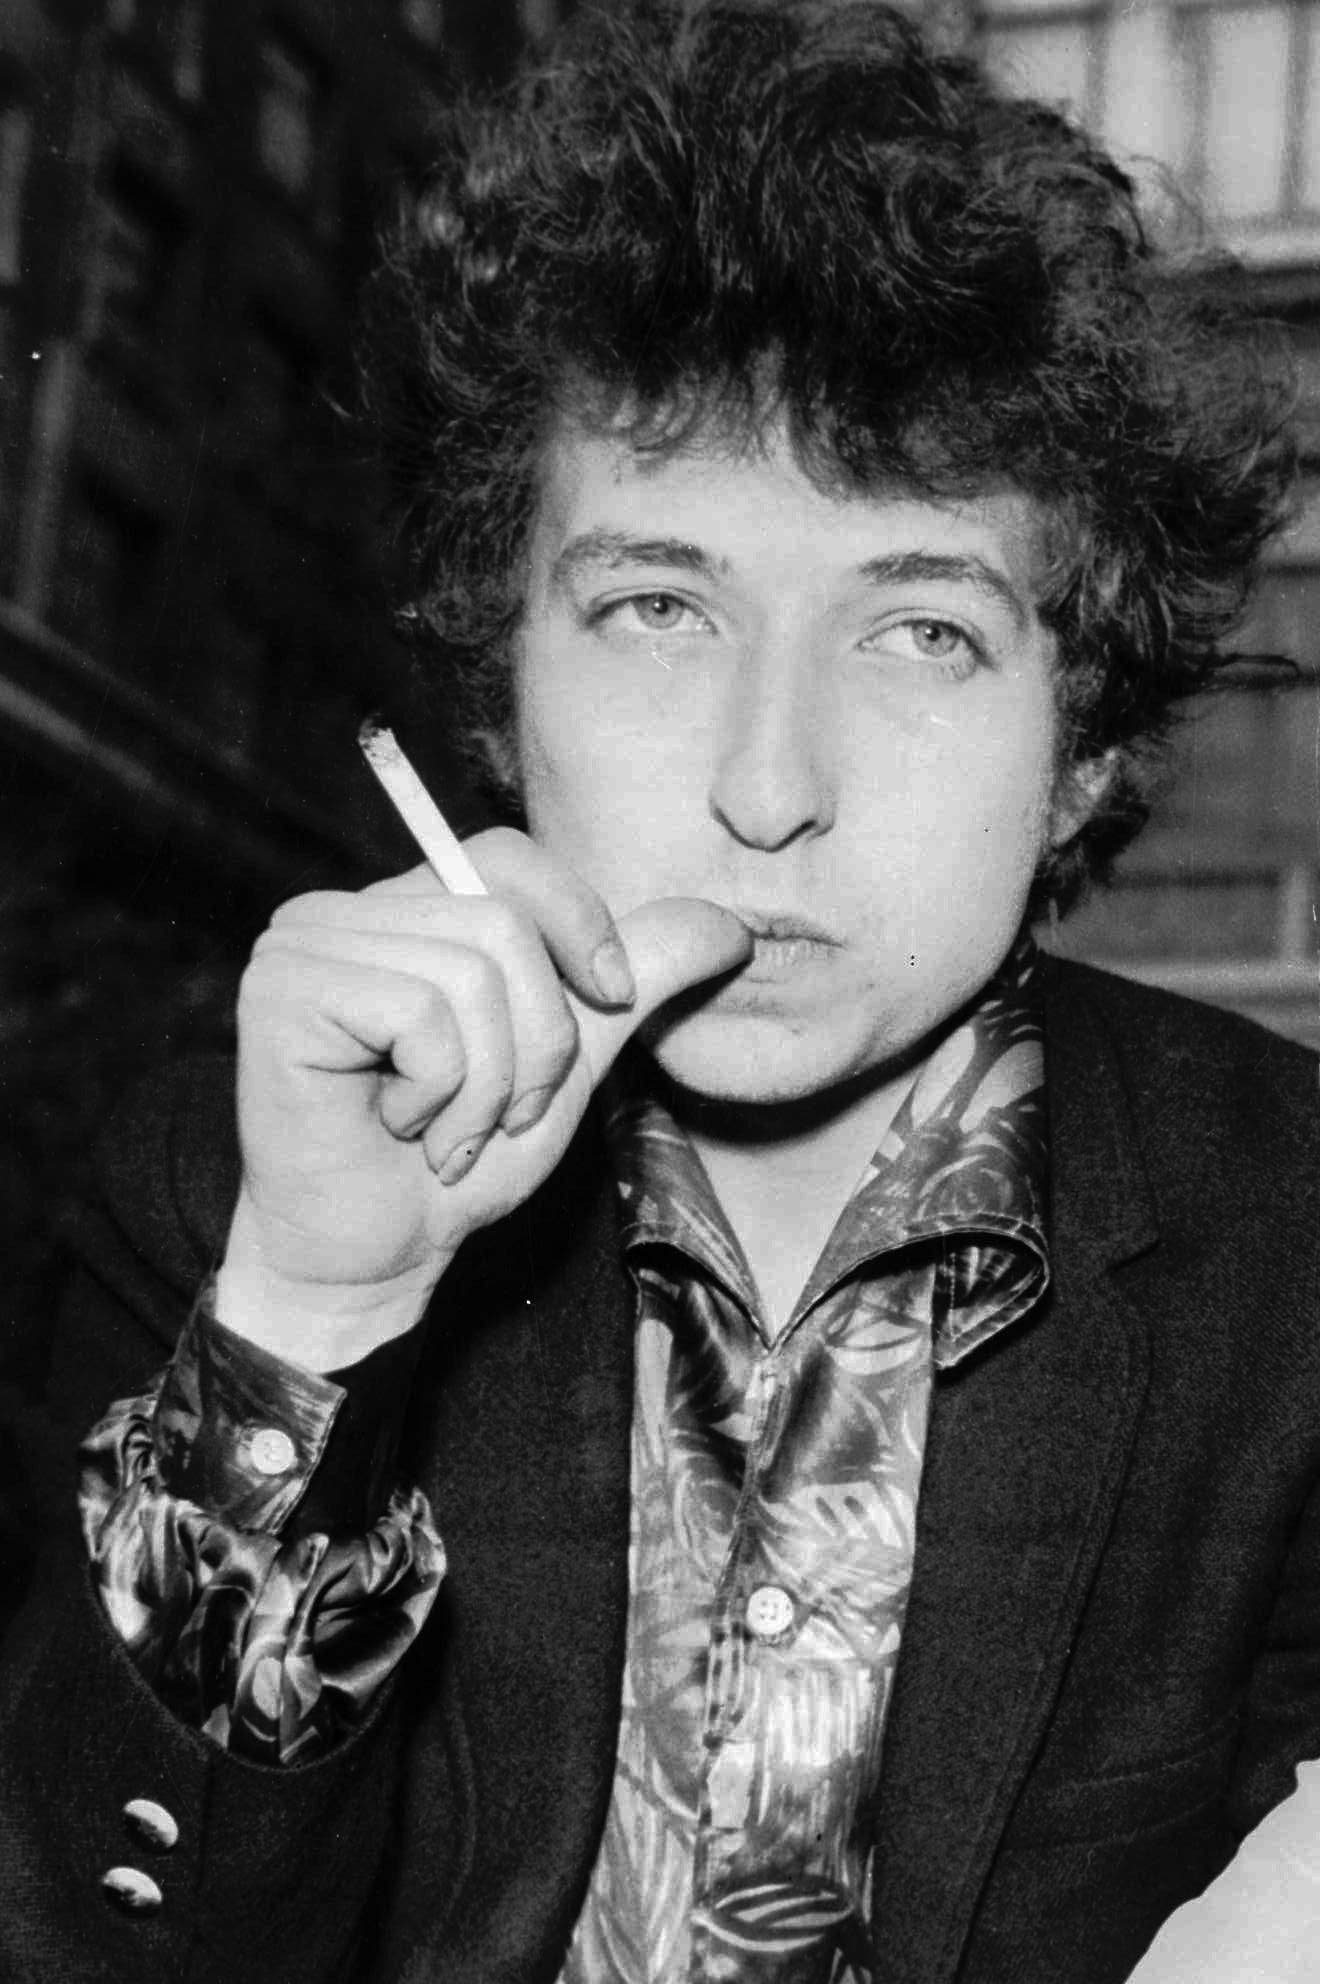 Der junge Bob Dylan 1965